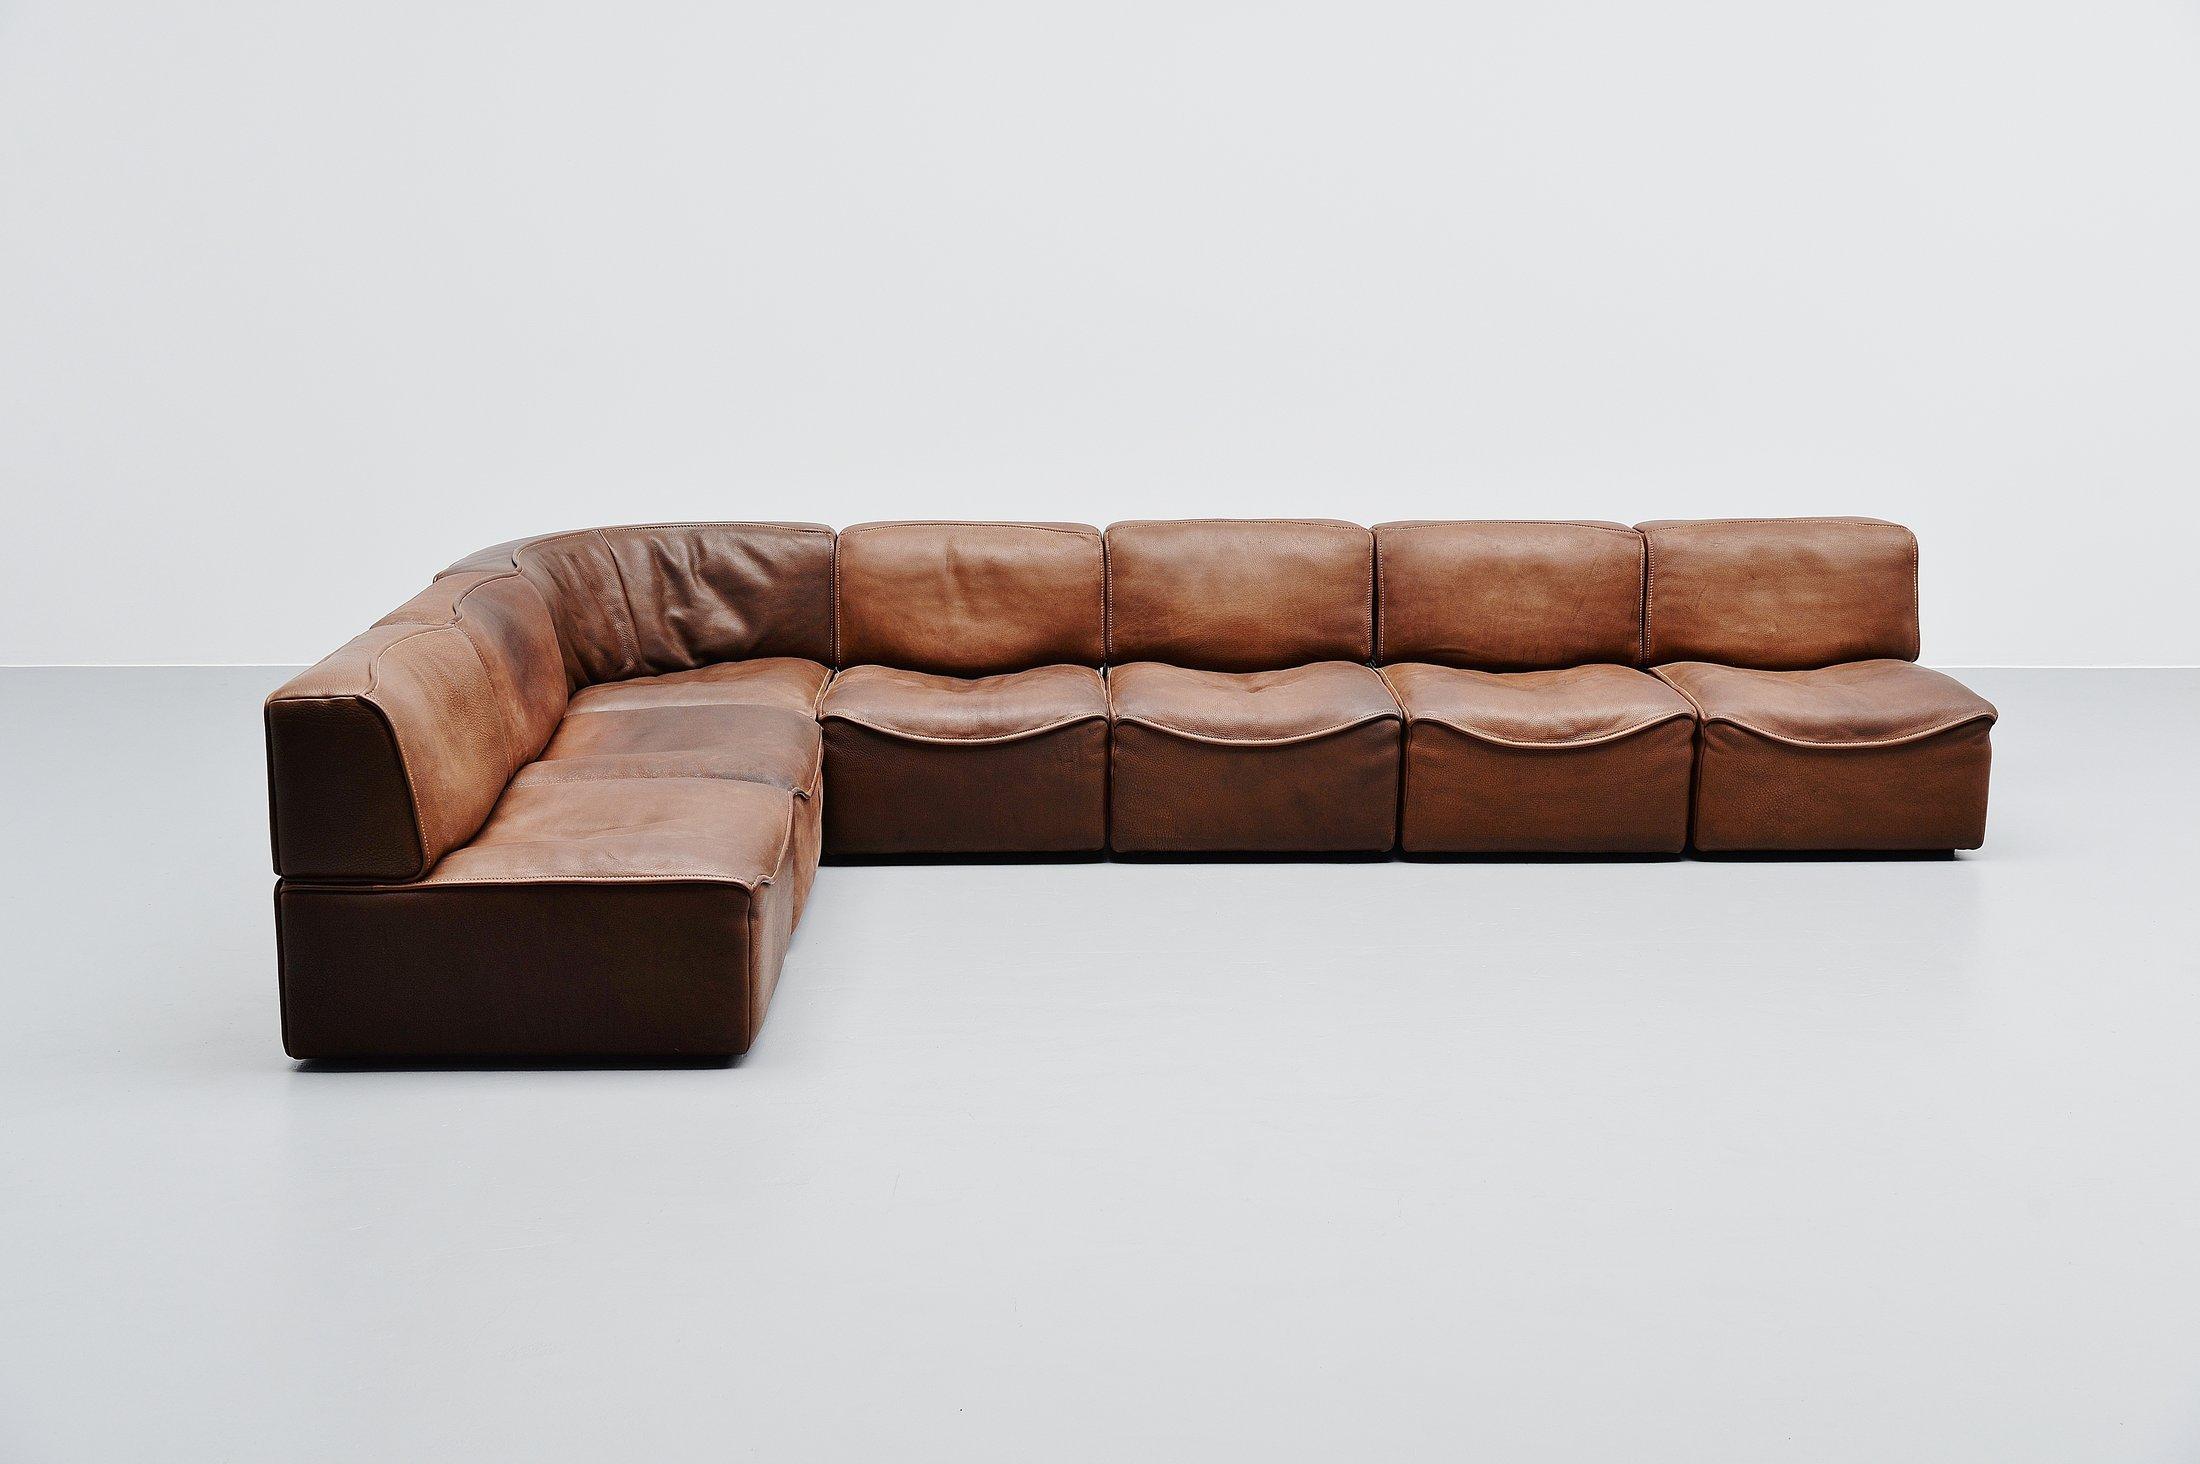 De Sede Ds15 Modular Sofa Brown Switzerland 1970